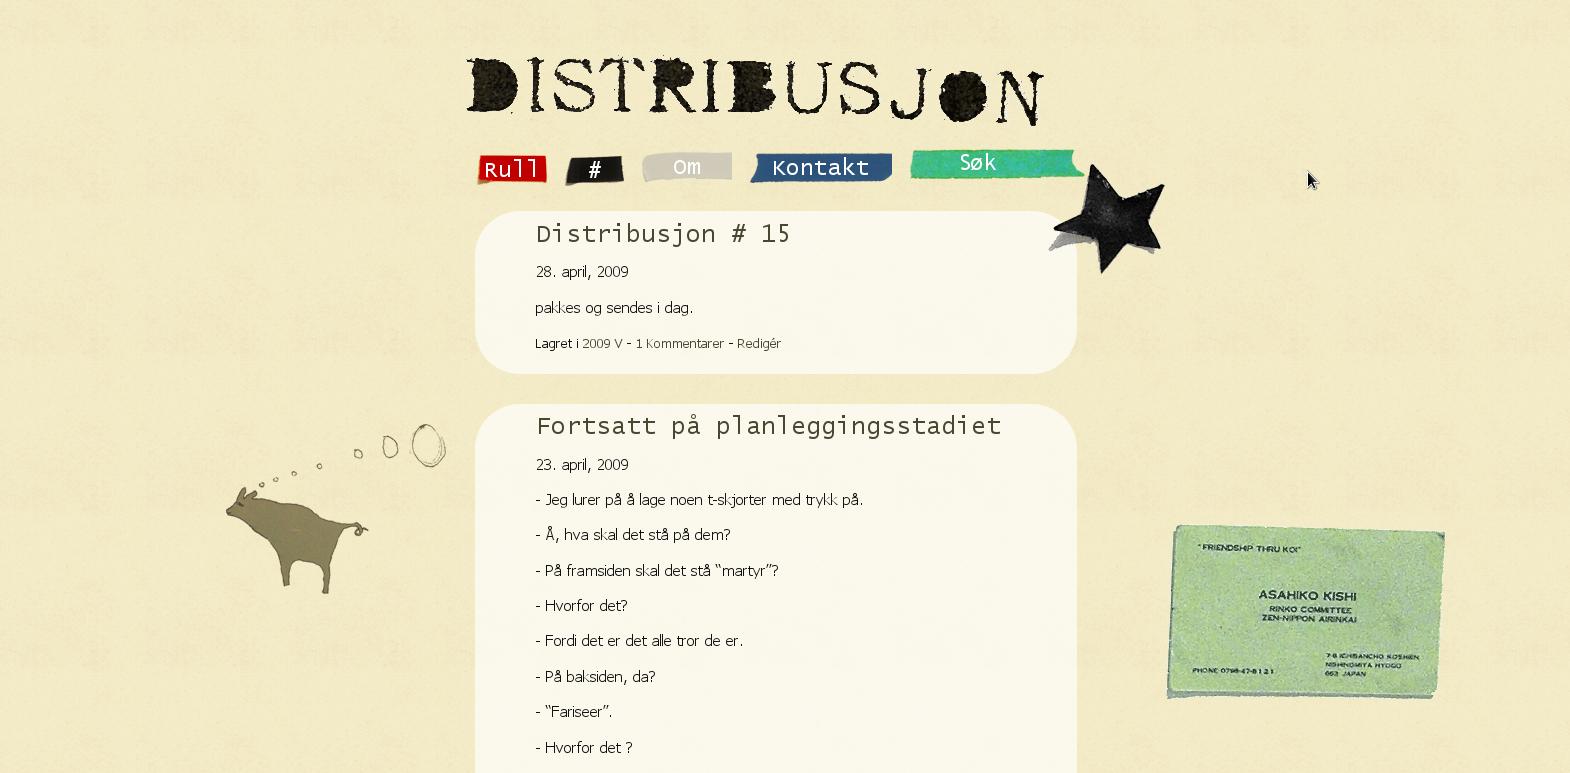 Distribusjon.org